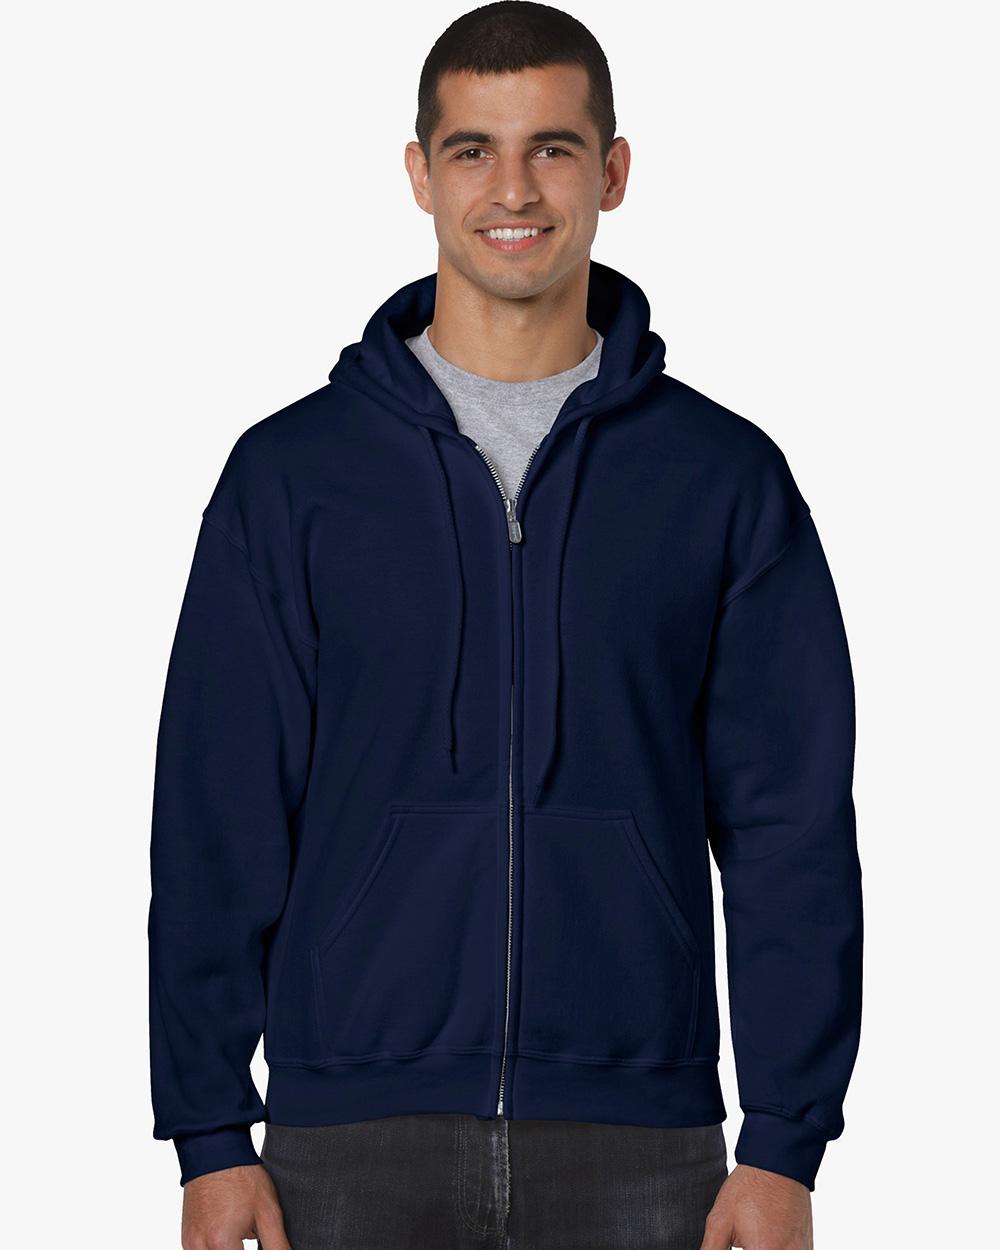 Gildan 18600     Classic Fit Adult Full Zip Sweatshir  t    50% Cotton / 50% Polyester Fleece